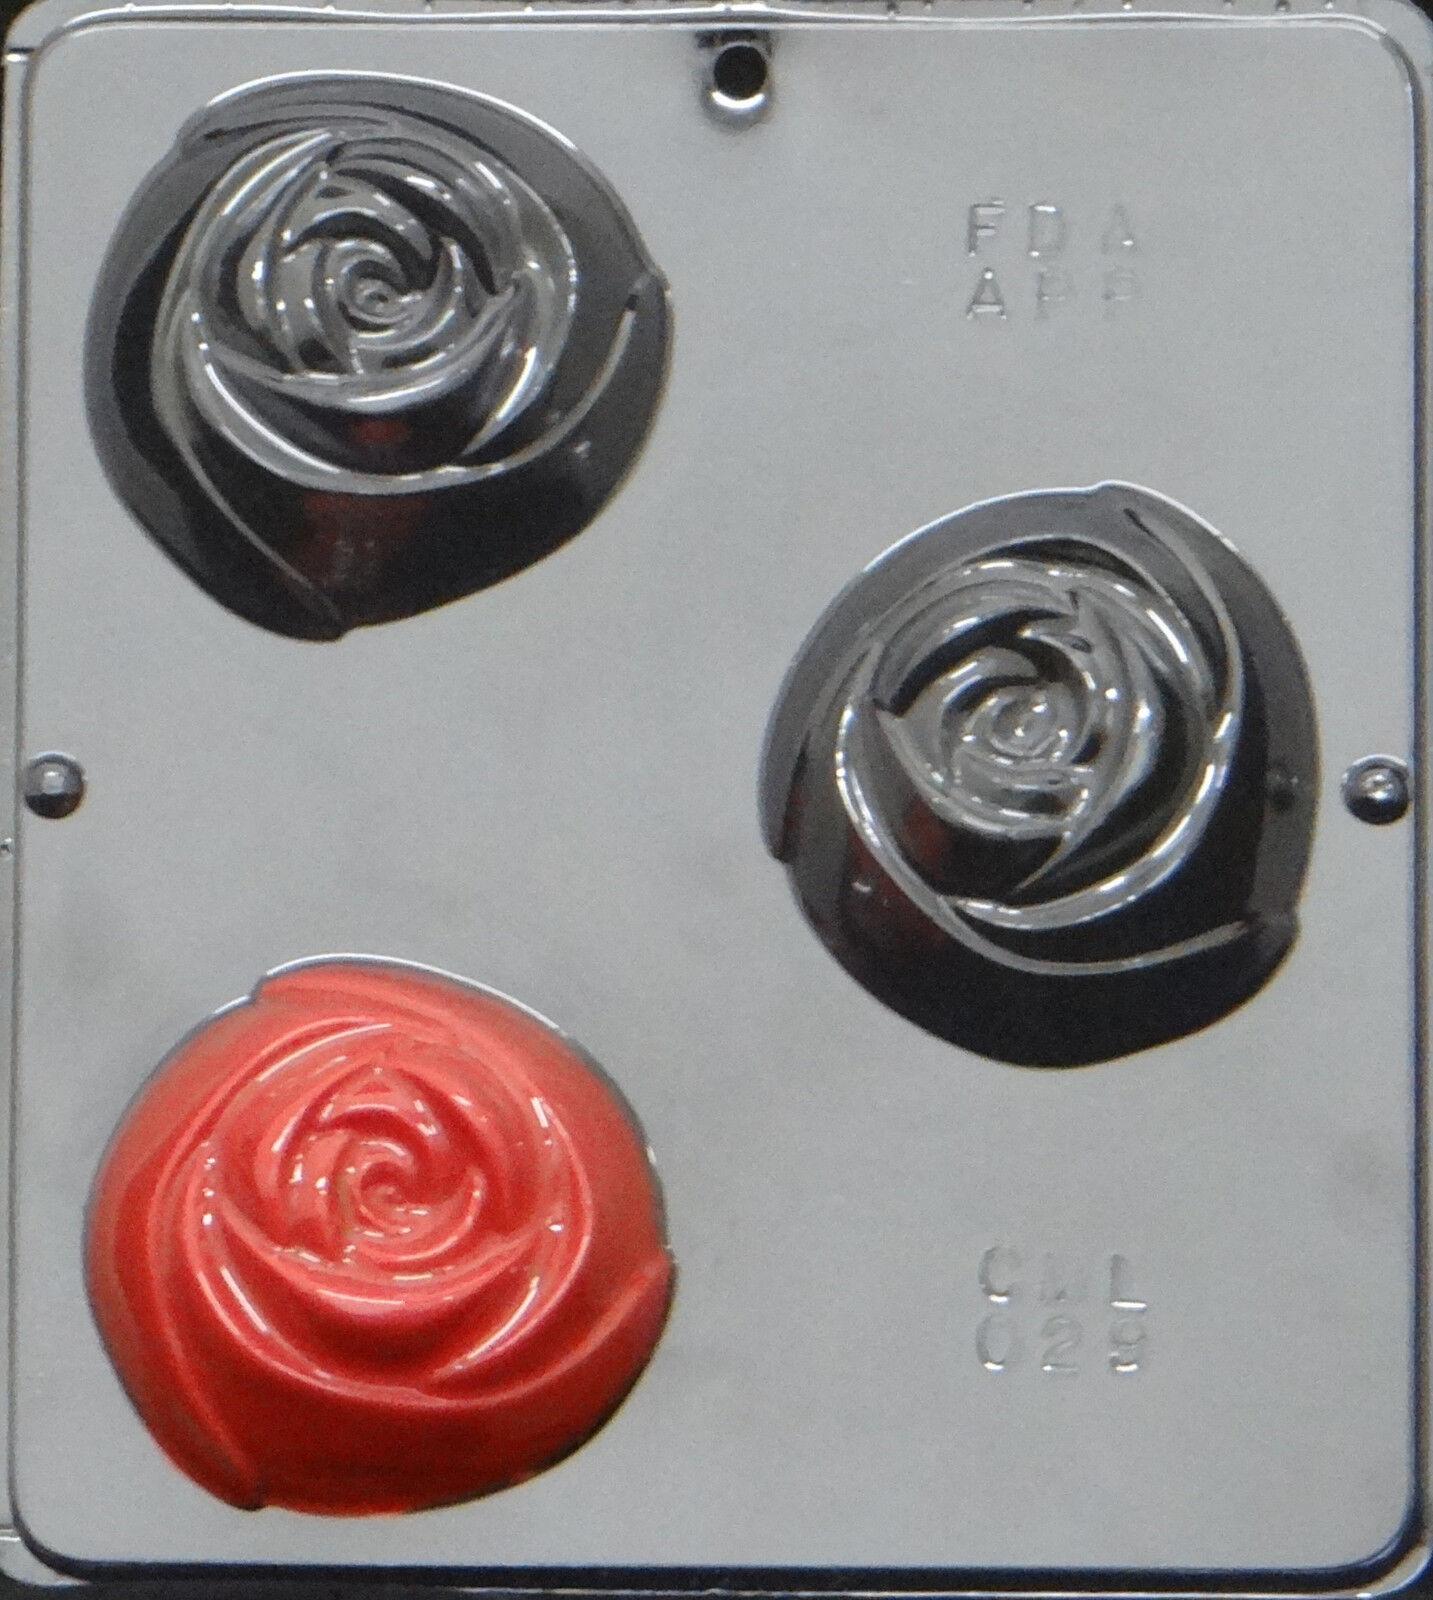 25 Rose 3  Moule pour savon ou Chocolat Candy Mold + livraison gratuite 029 nouveau